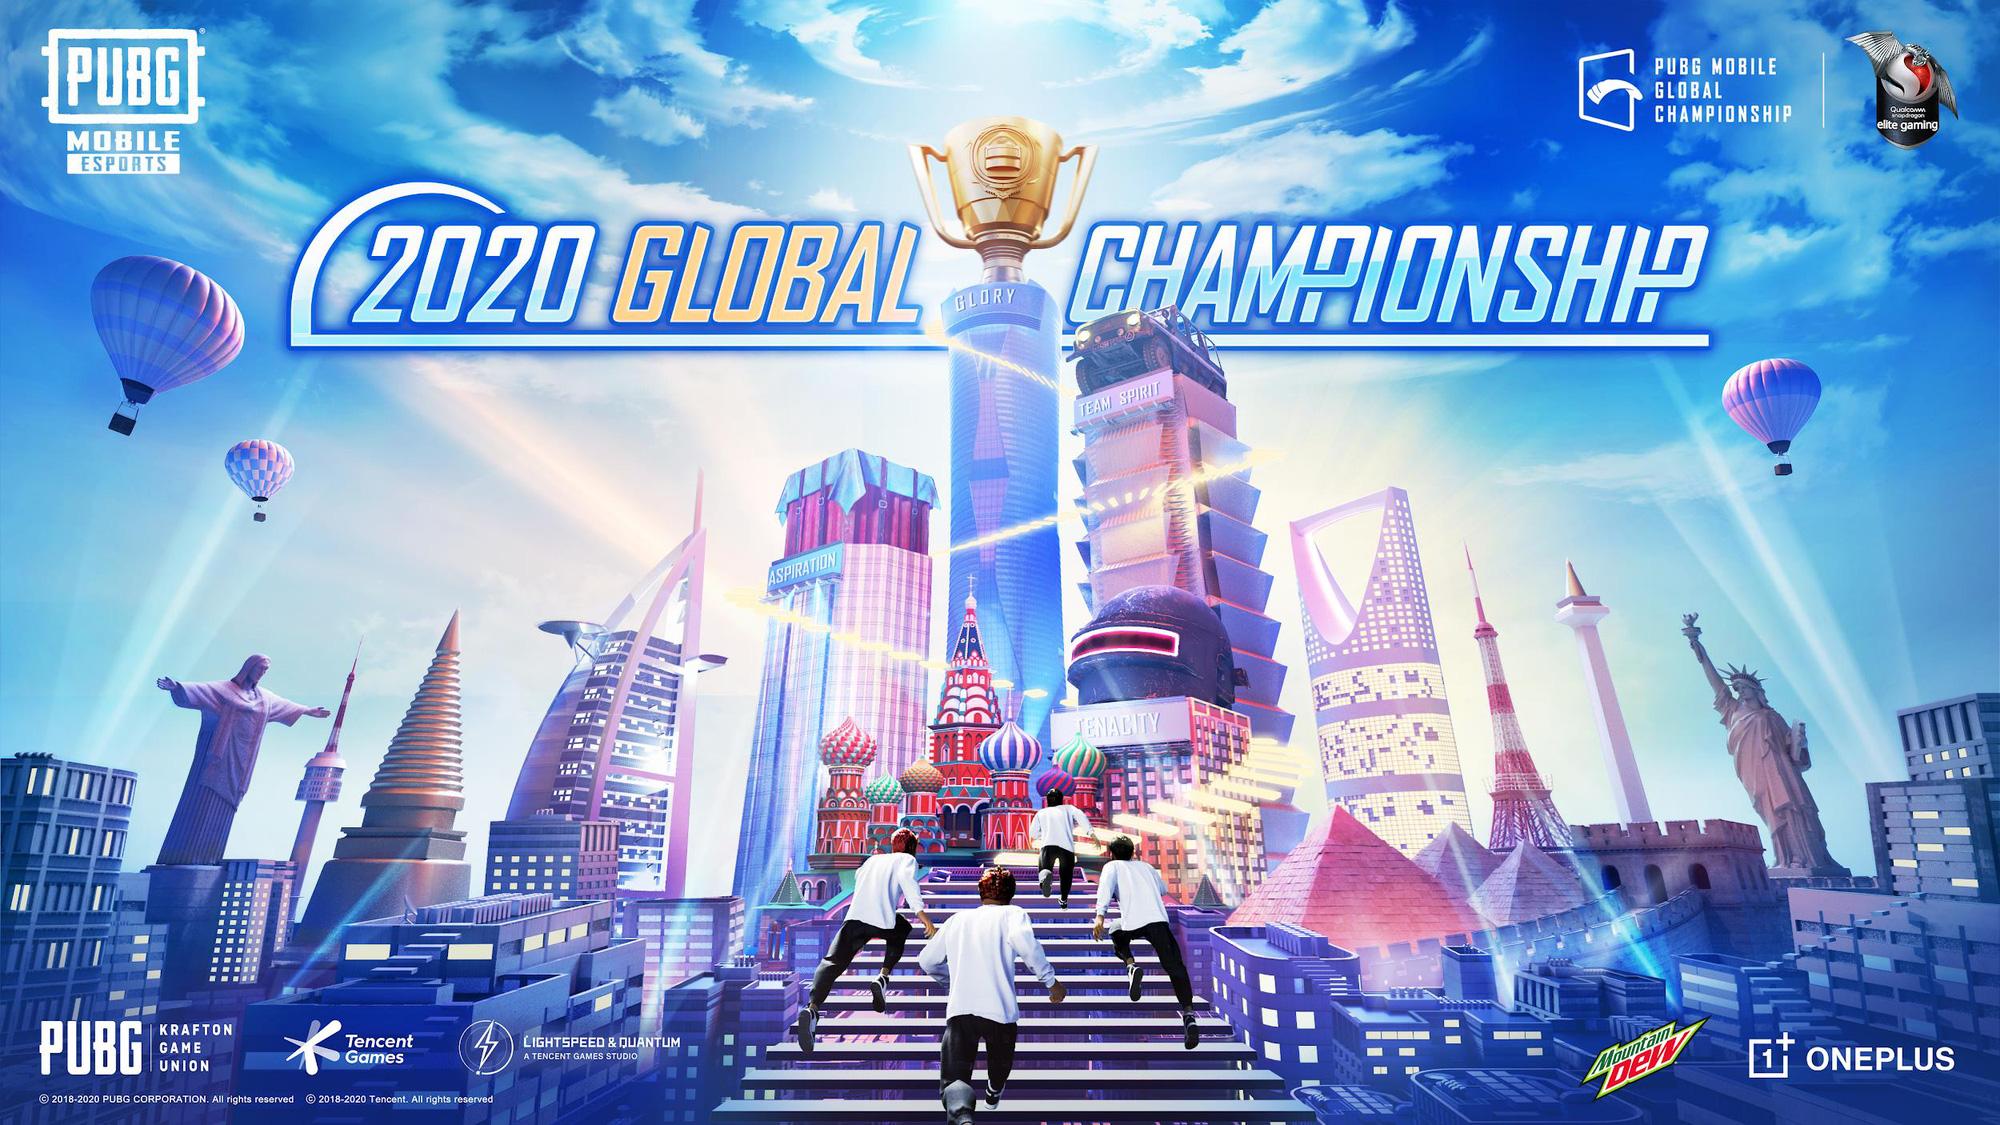 Giải đấu PMGC bước vào giai đoạn nước rút: Những cái tên nào sẽ chắc suất vào chung kết thế giới PUBG Mobile? - Ảnh 1.